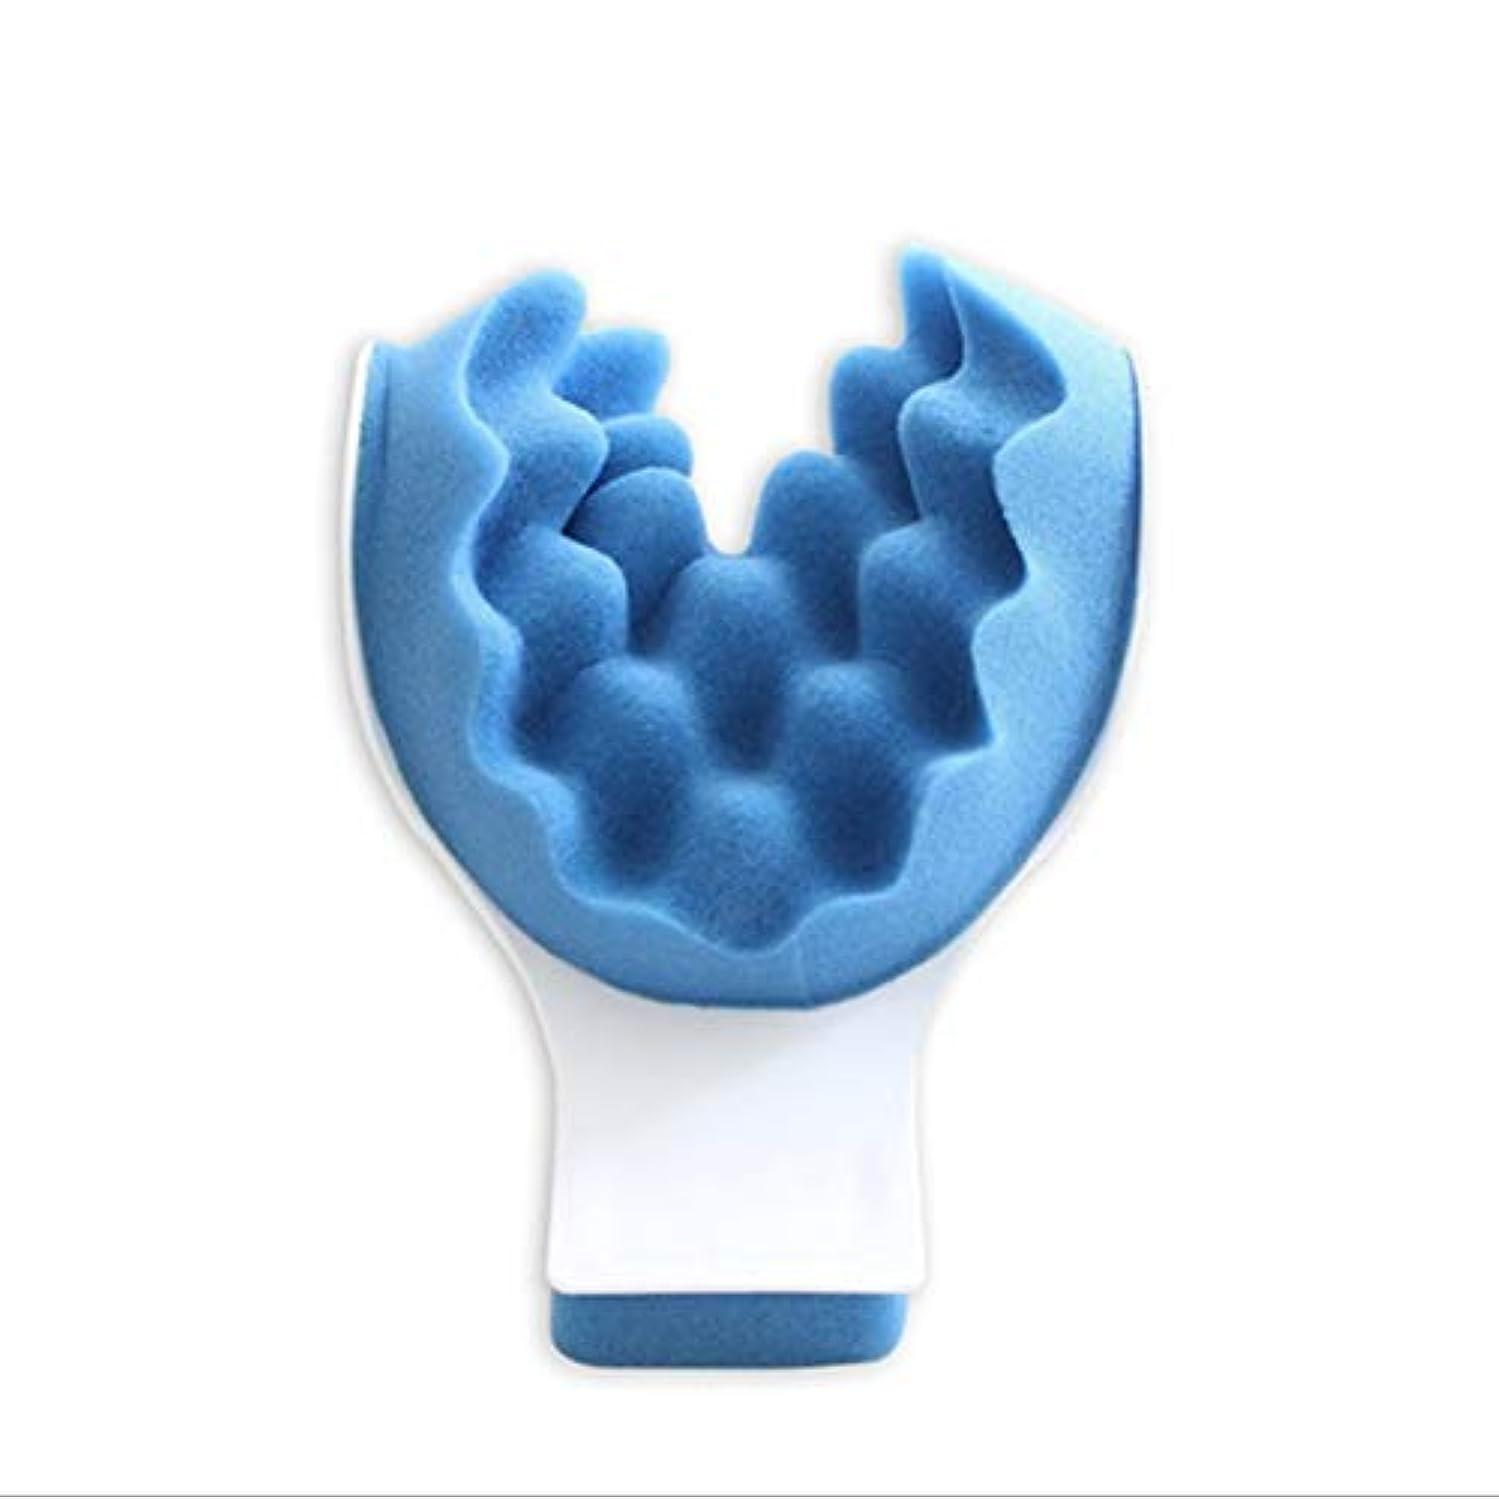 バイオリンれんが炎上マッスルテンションリリーフタイトネスと痛みの緩和セラピーティックネックサポートテンションリリーフネック&ショルダーリラクサー - ブルー